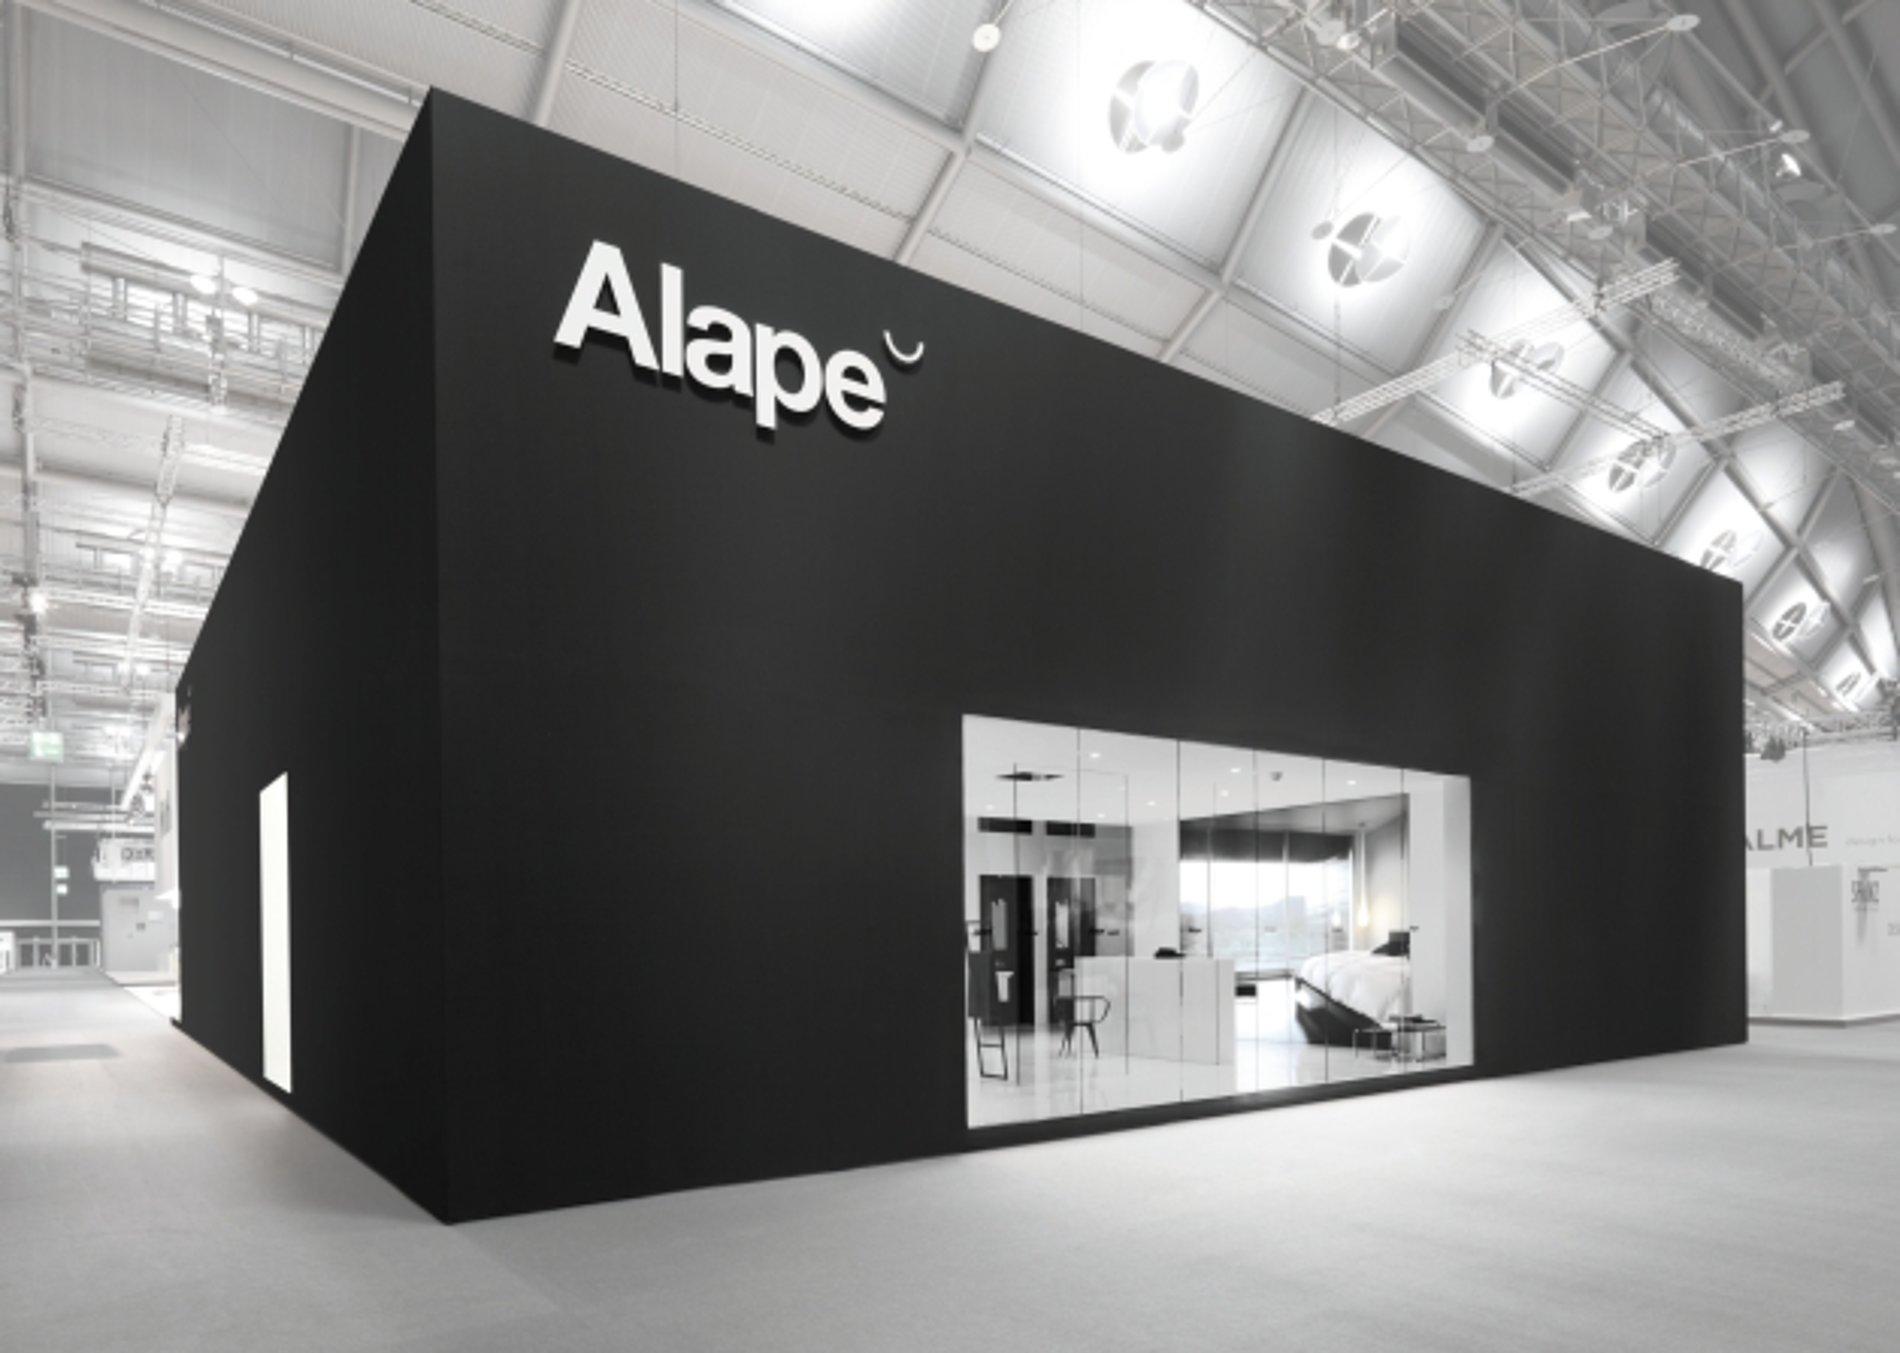 red dot design award alape trade fair stand ish 2011. Black Bedroom Furniture Sets. Home Design Ideas